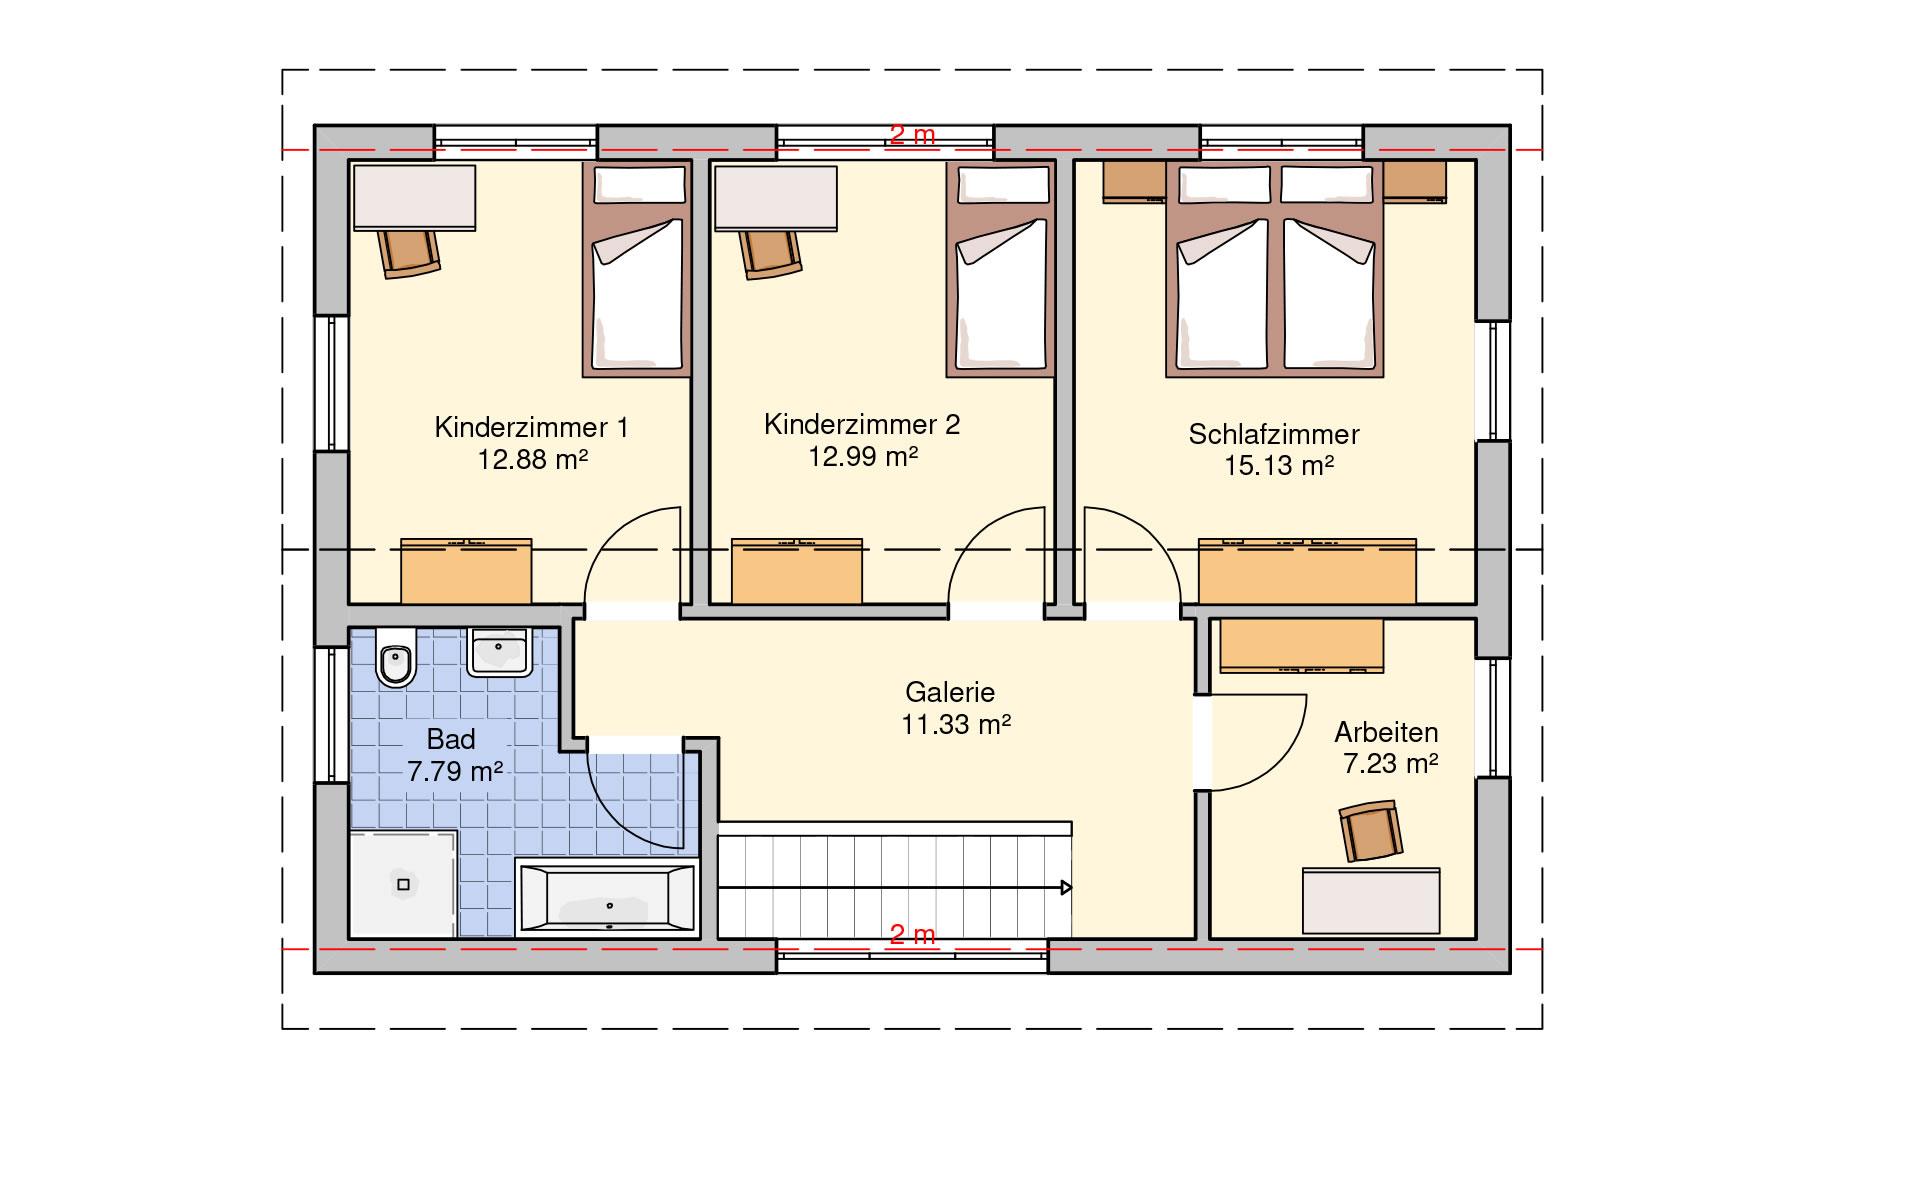 Obergeschoss Dublin von Fingerhut Haus GmbH & Co. KG